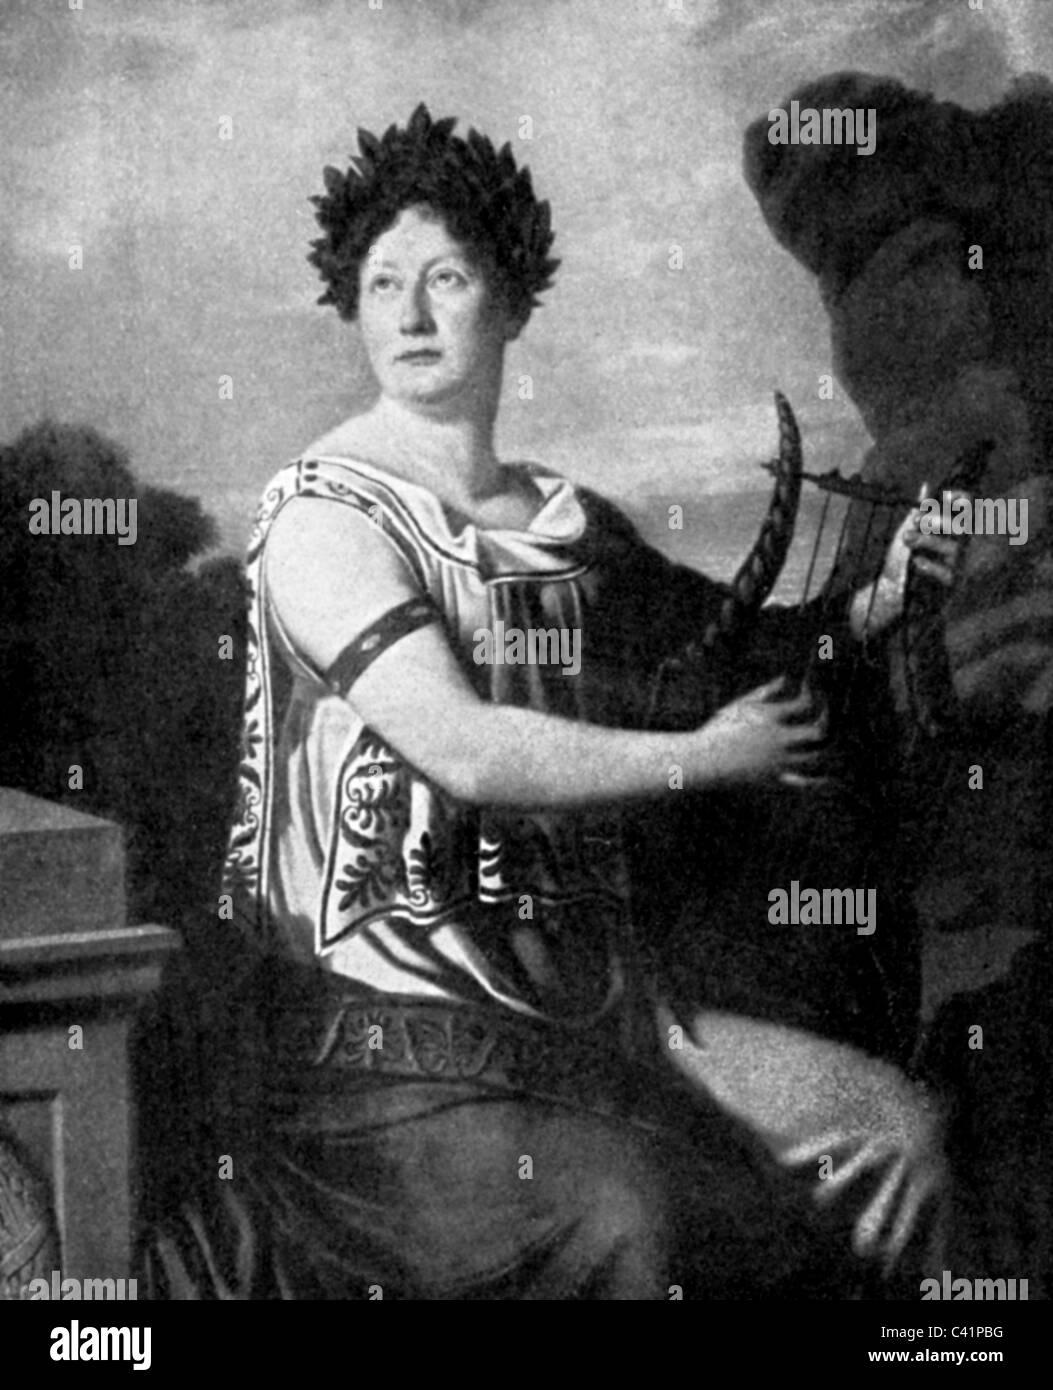 Jagemann, Karoline, 25.1.1777 - 10.7.1848, deutsche Schauspielerin und Sängerin, die Hälfte der Länge, wie Sappho, Stockfoto